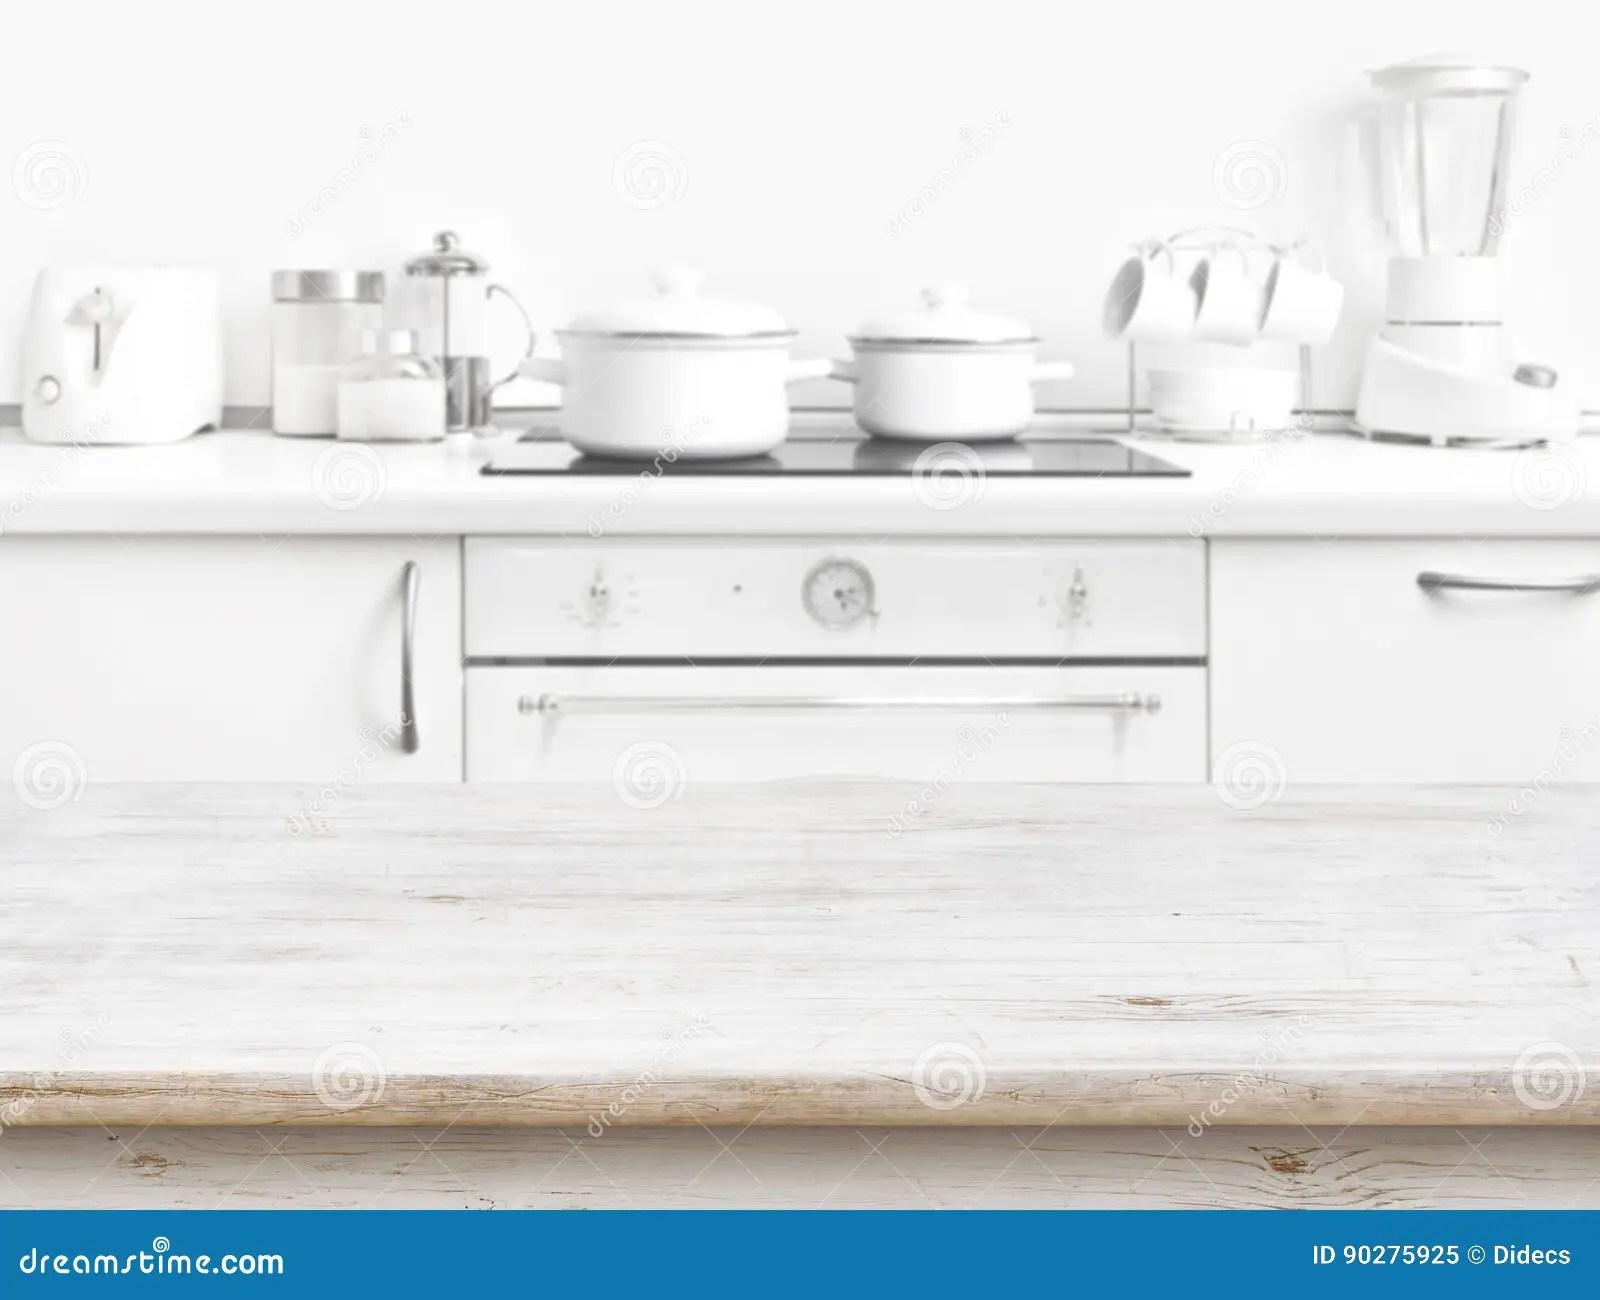 white kitchen bench outdoor kitchens tampa 在被弄脏的白色厨房长凳内部前面的木桌库存图片 图片包括有厨具 颜色 在被弄脏的白色厨房长凳内部前面的木桌